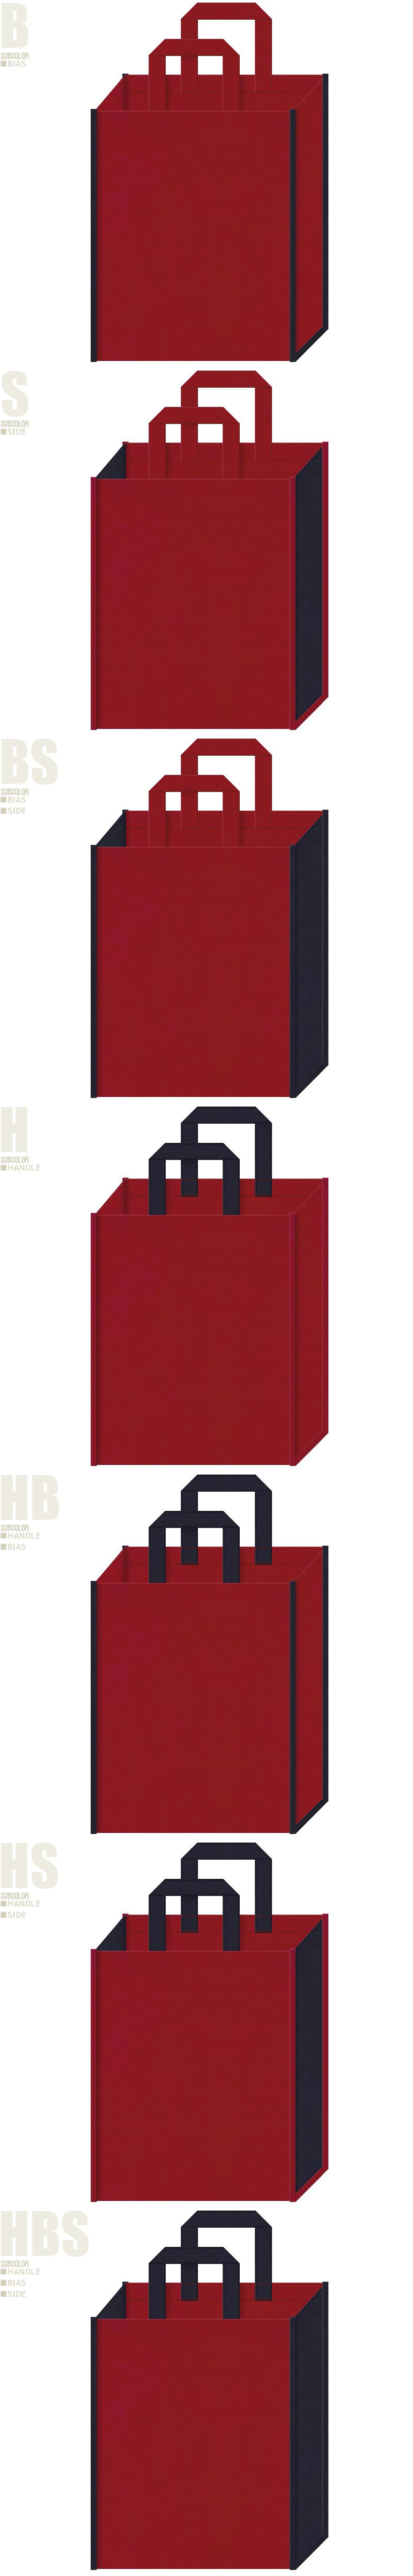 デニム・カジュアル・アウトレット・スポーツ用品・ラガーシャツ・ユニフォームのショッピングバッグにお奨めの不織布バッグデザイン:エンジ色と濃紺色の配色7パターン